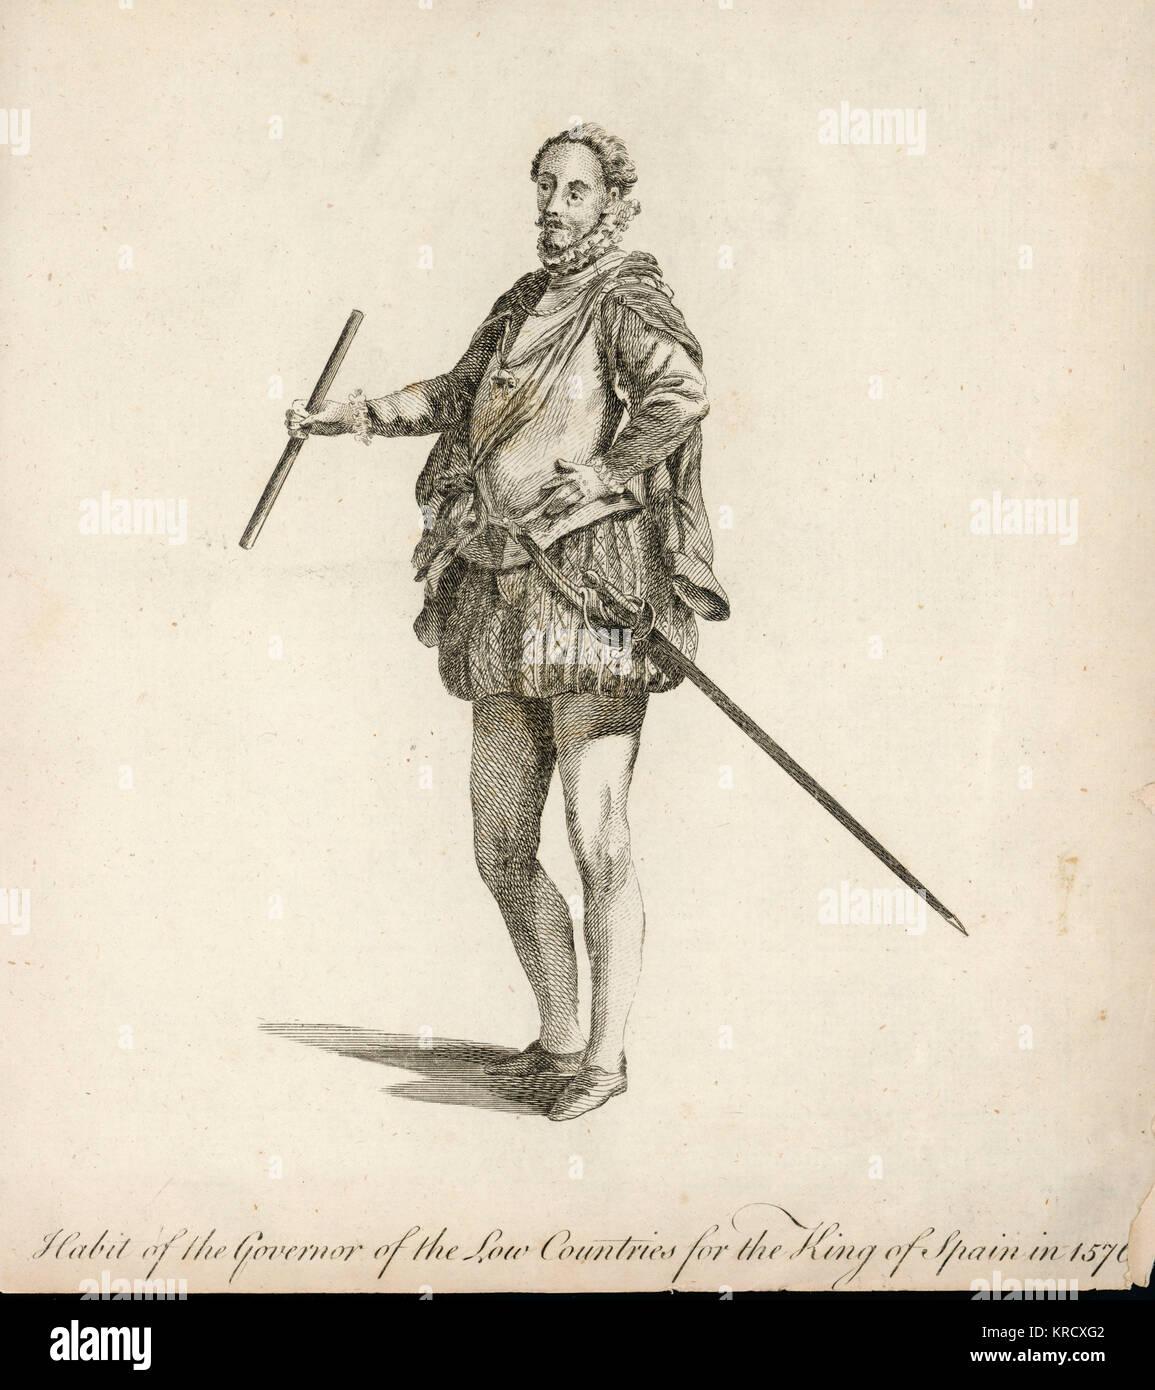 Gewohnheit der Statthalter der Niederlande für den König von Spanien, Philipp II Datum: 1576 Stockfoto